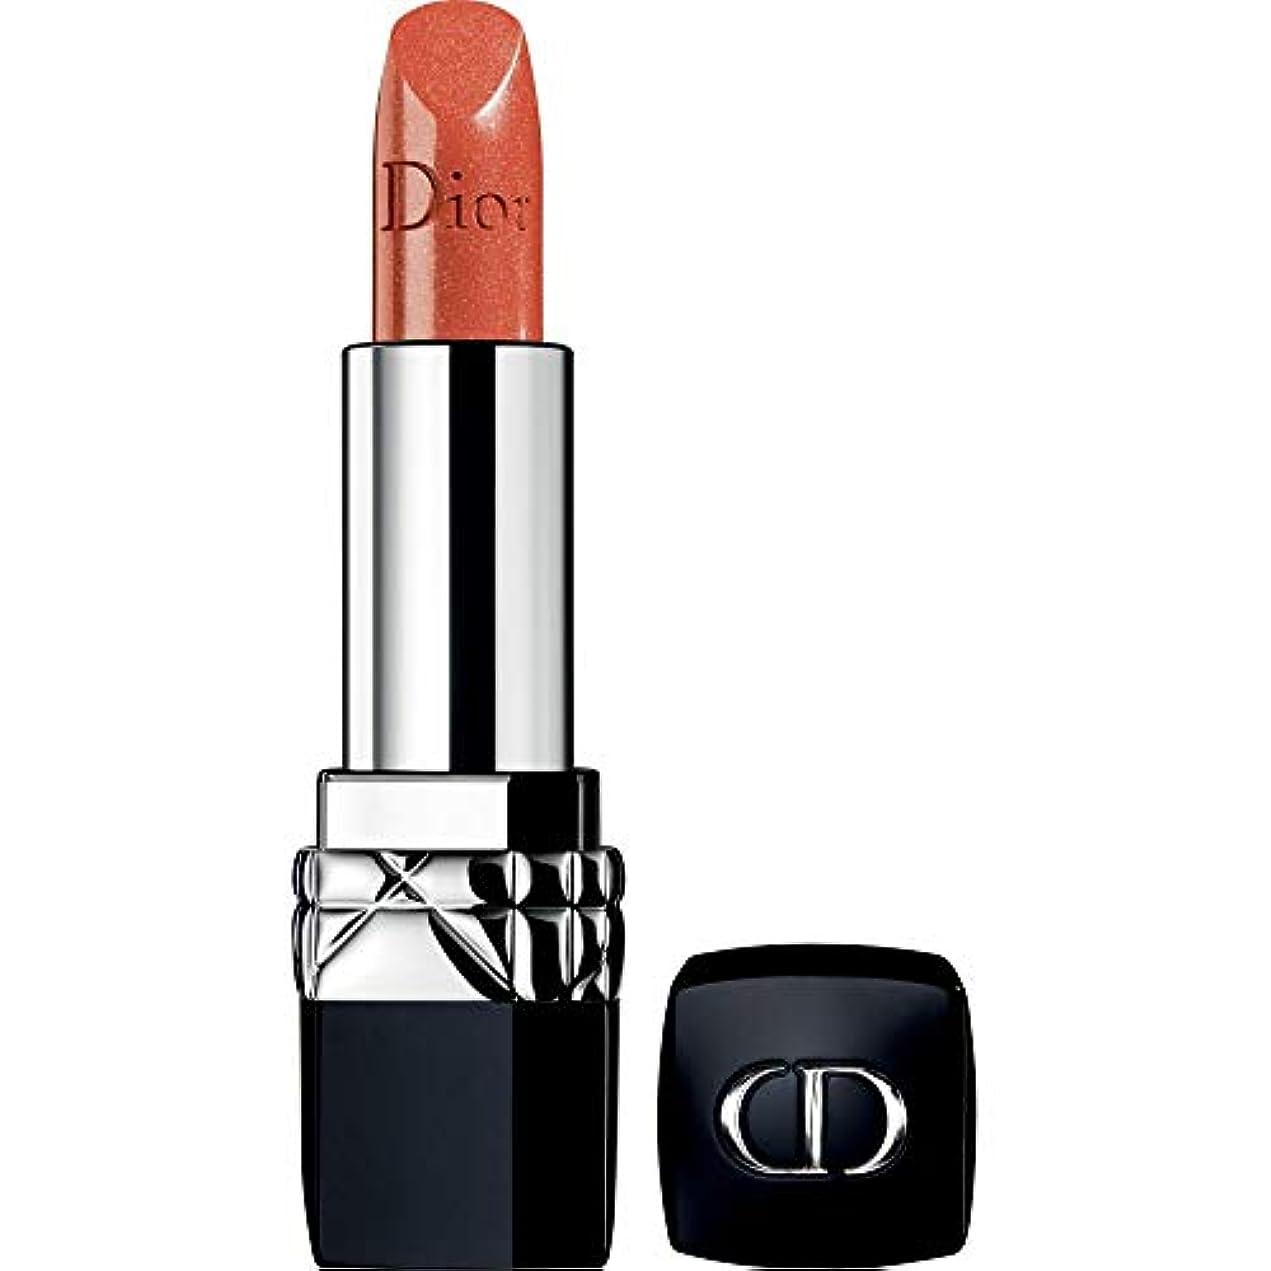 熟した染料アフリカ[Dior ] ディオールルージュディオールのオートクチュールの色の口紅3.5グラム636 - 火の上 - DIOR Rouge Dior Couture Colour Lipstick 3.5g 636 - On Fire...